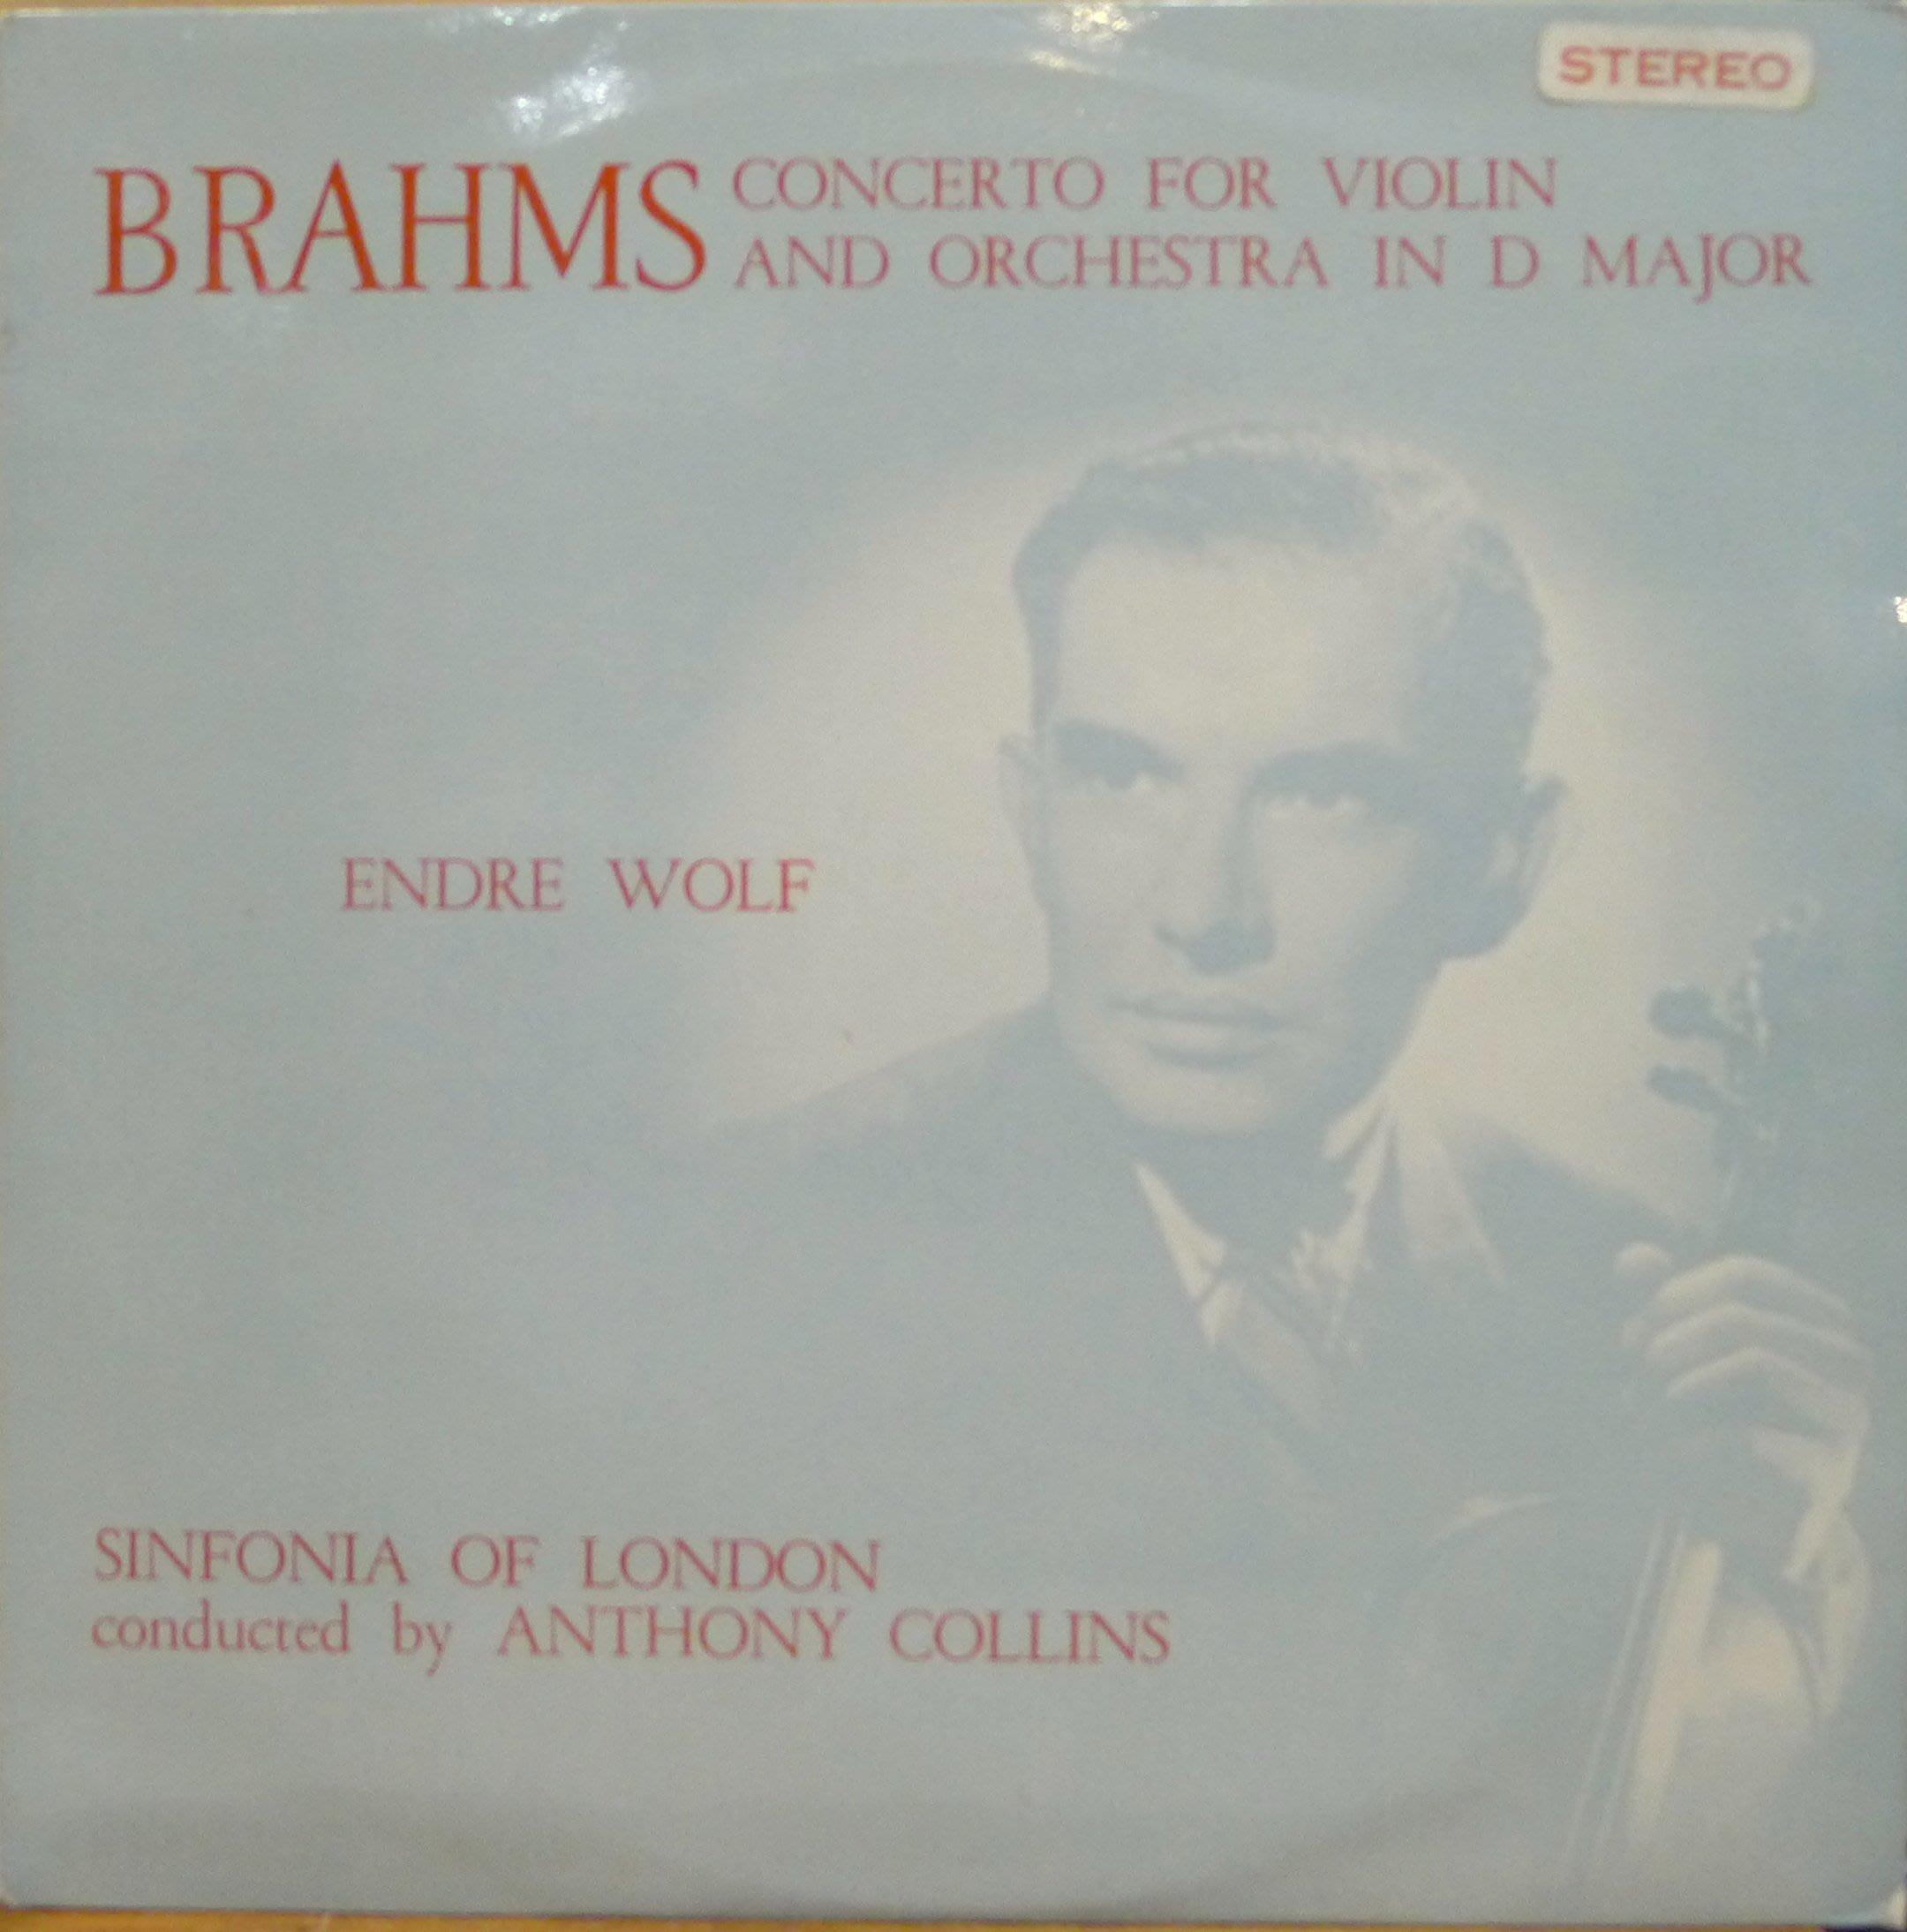 §小宋唱片§WORLDRECORDCLUB英版/布拉姆斯:小提琴協奏曲/Endre Wolf/二手古典黑膠